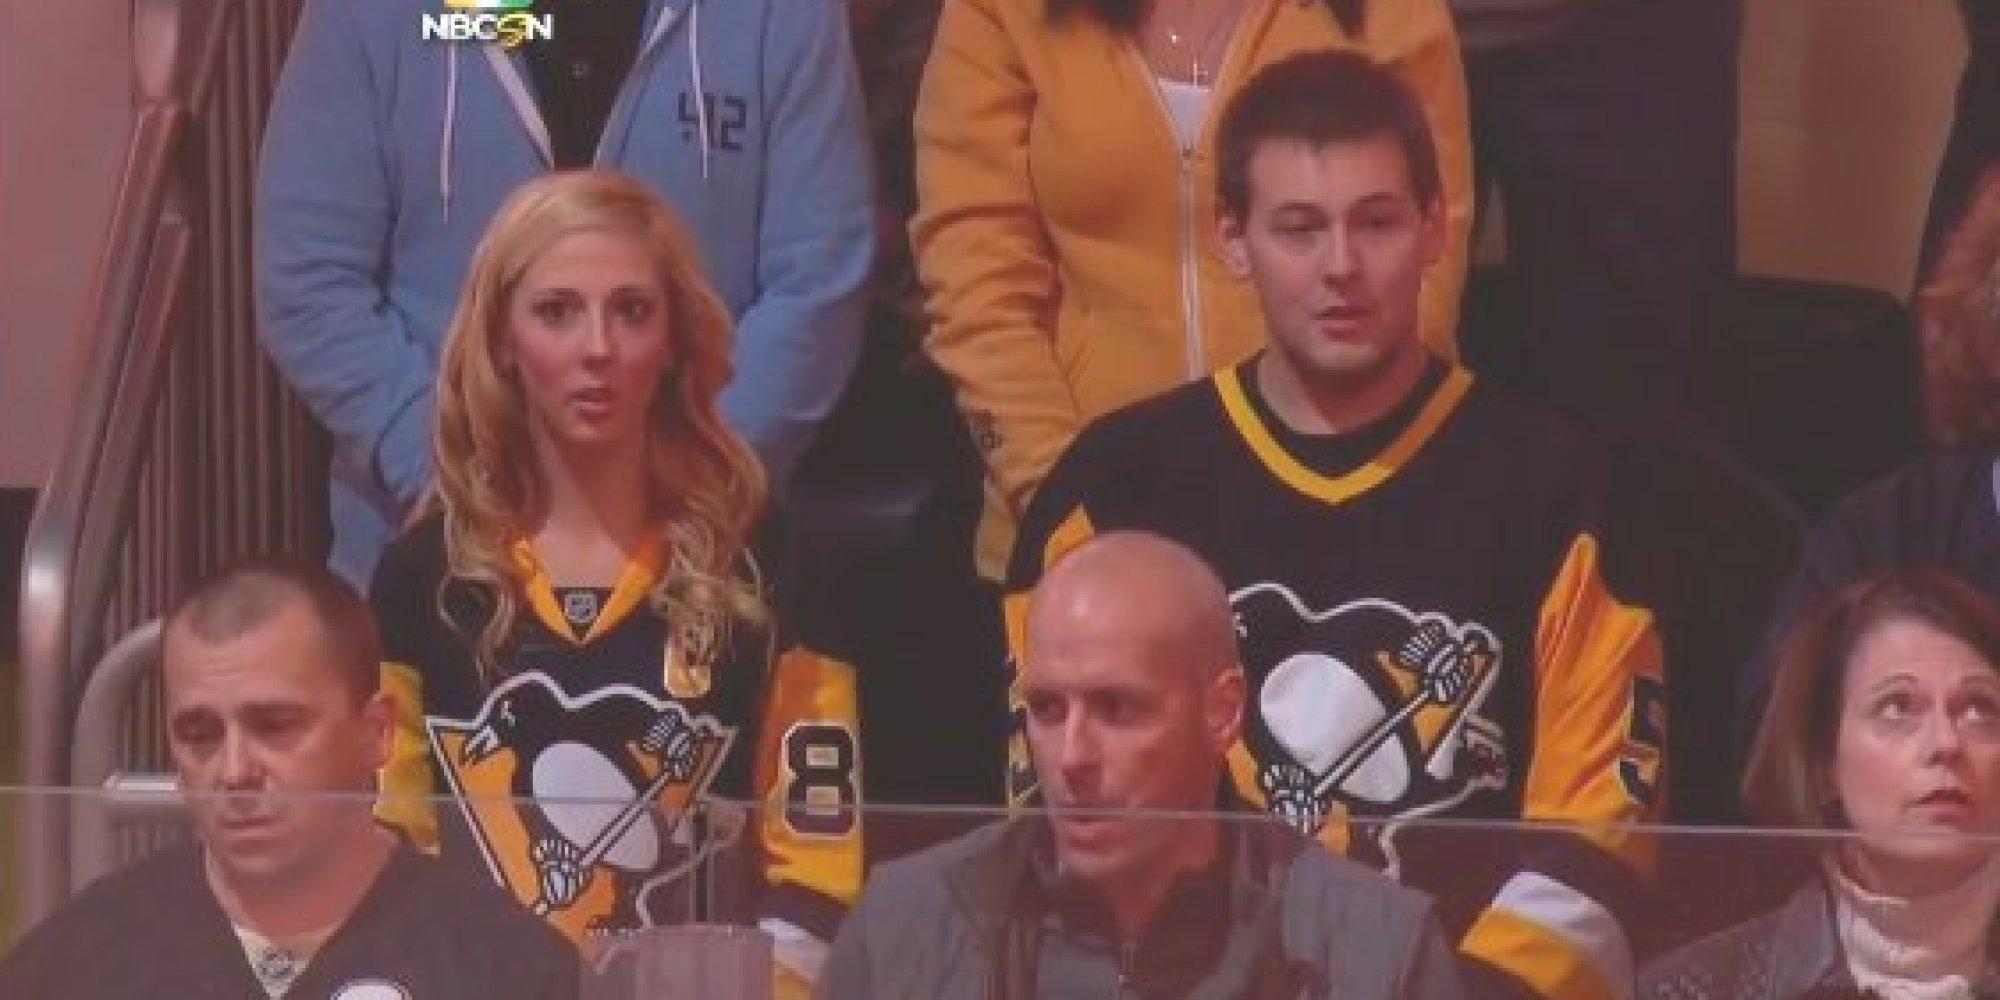 Girl Hockey Fans us Hockey Fans Sing 'o